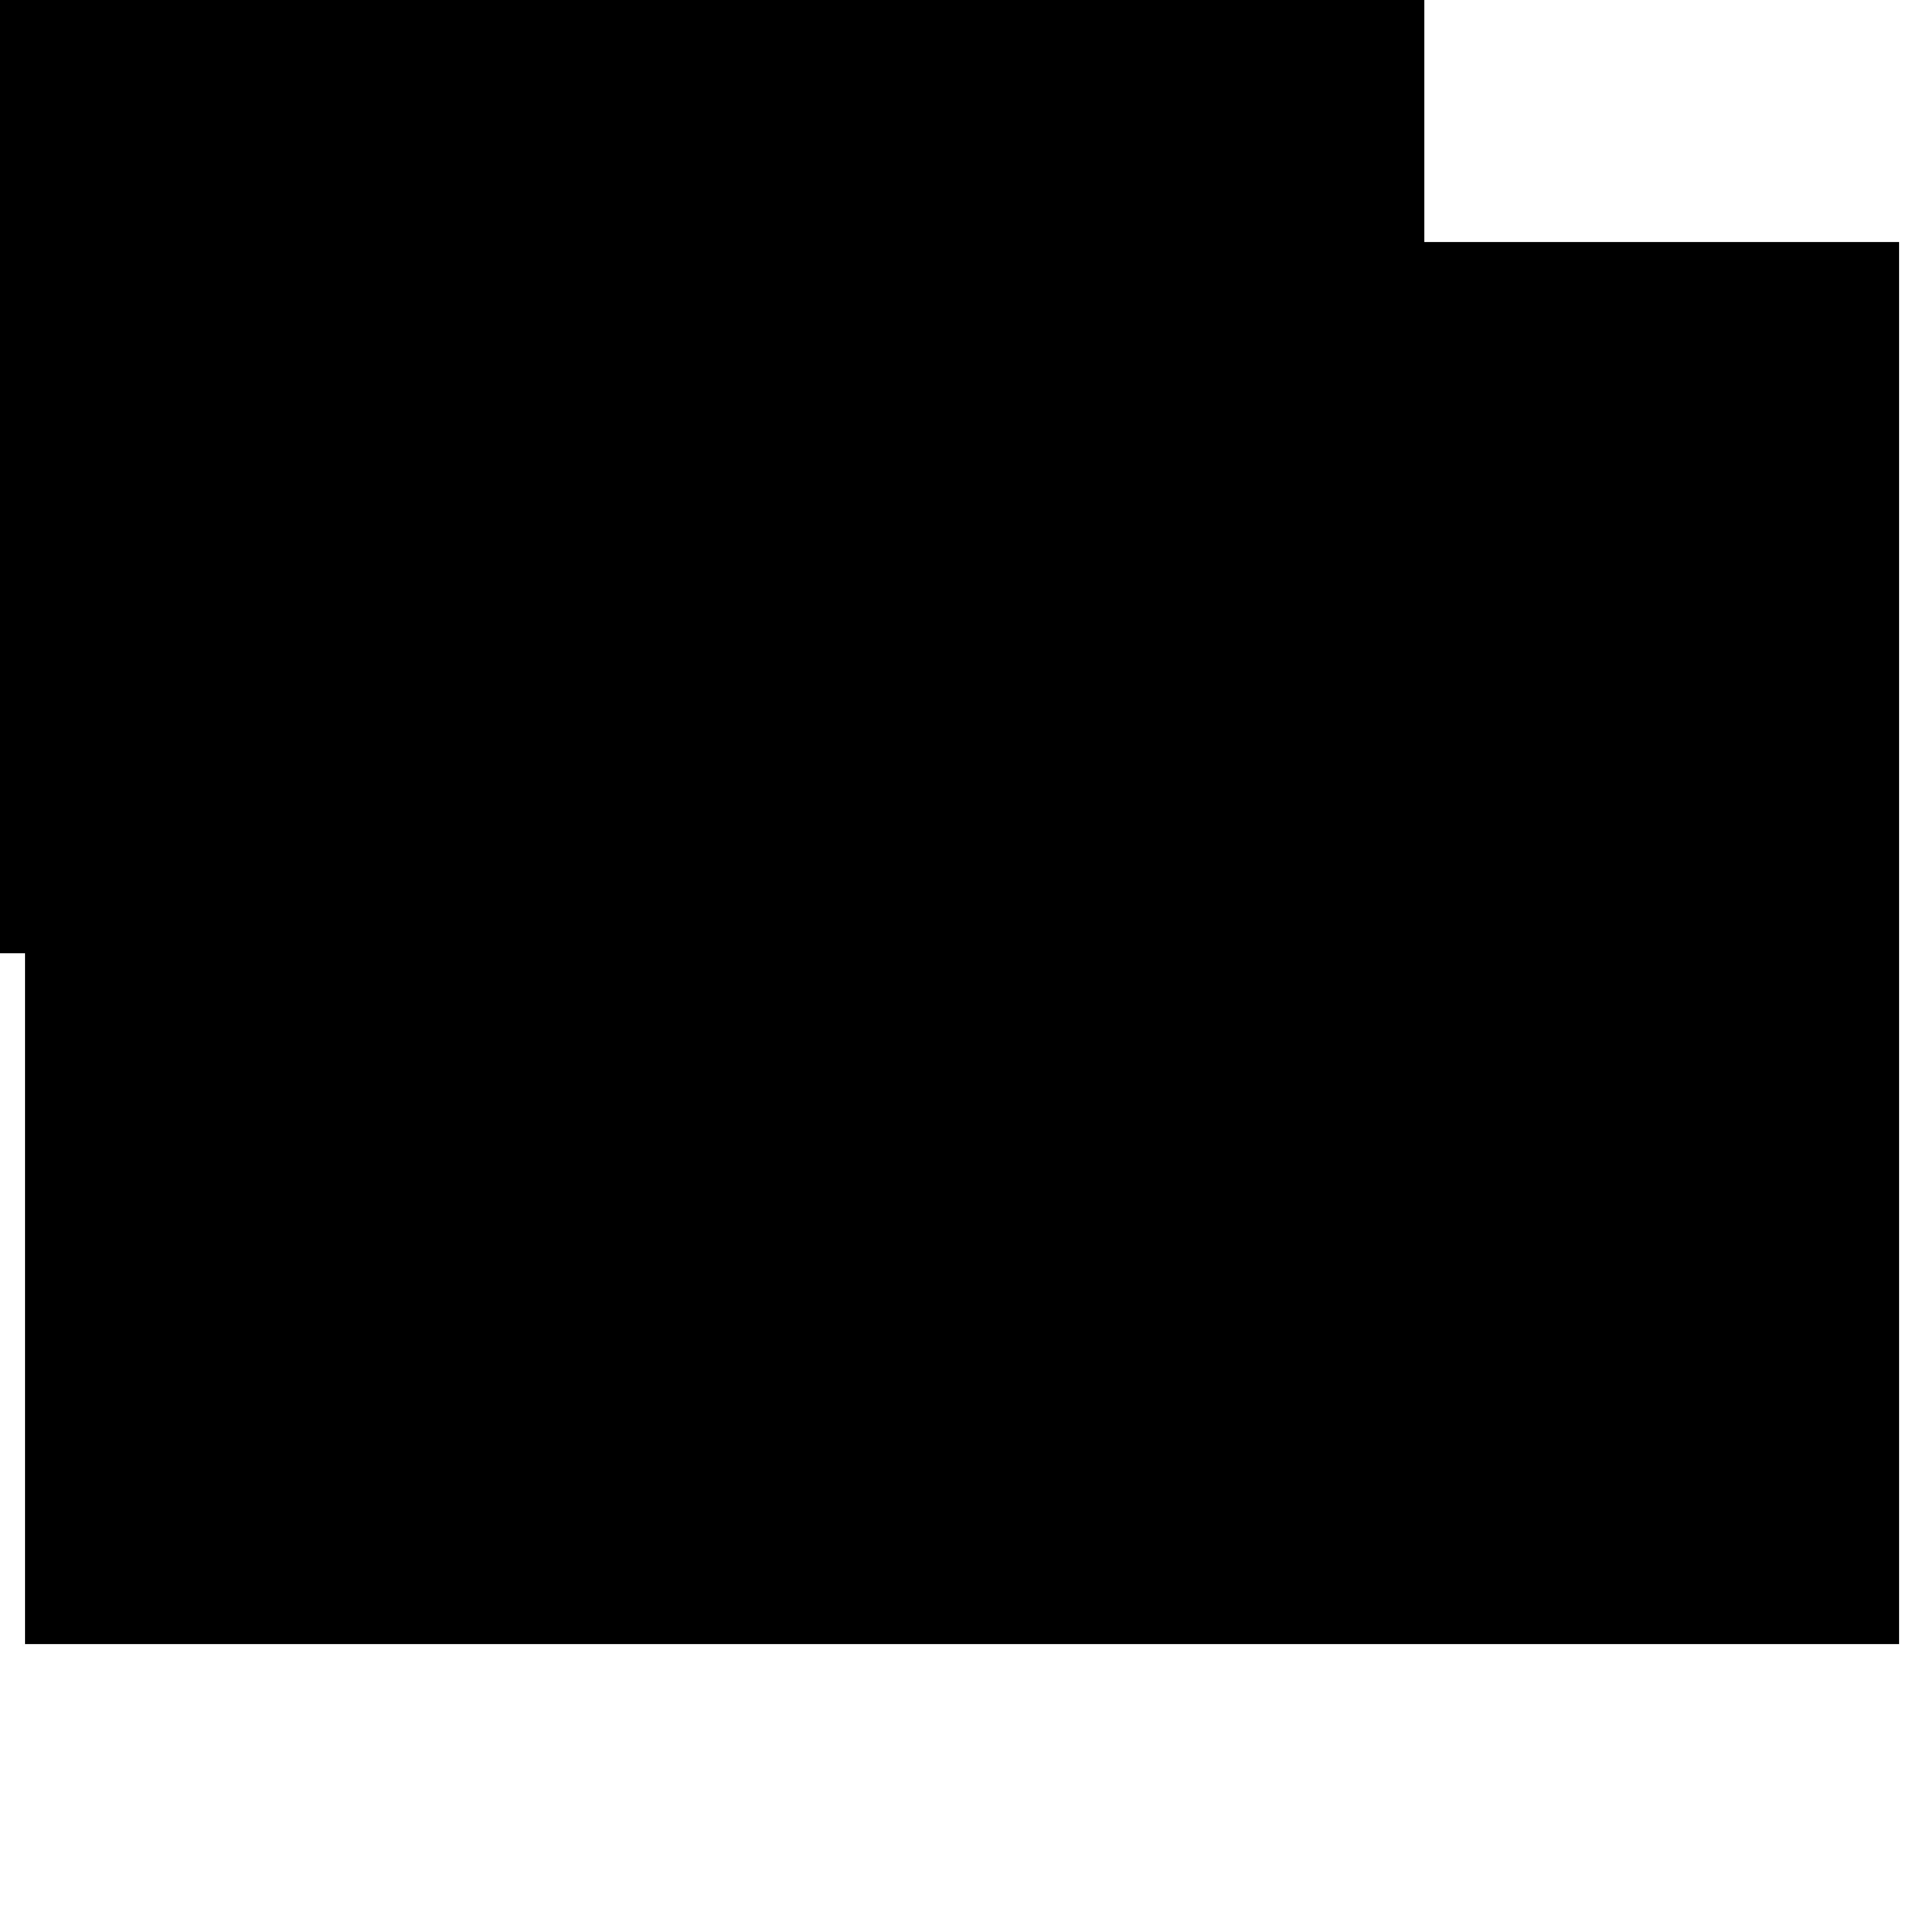 Naturfotografie Logo